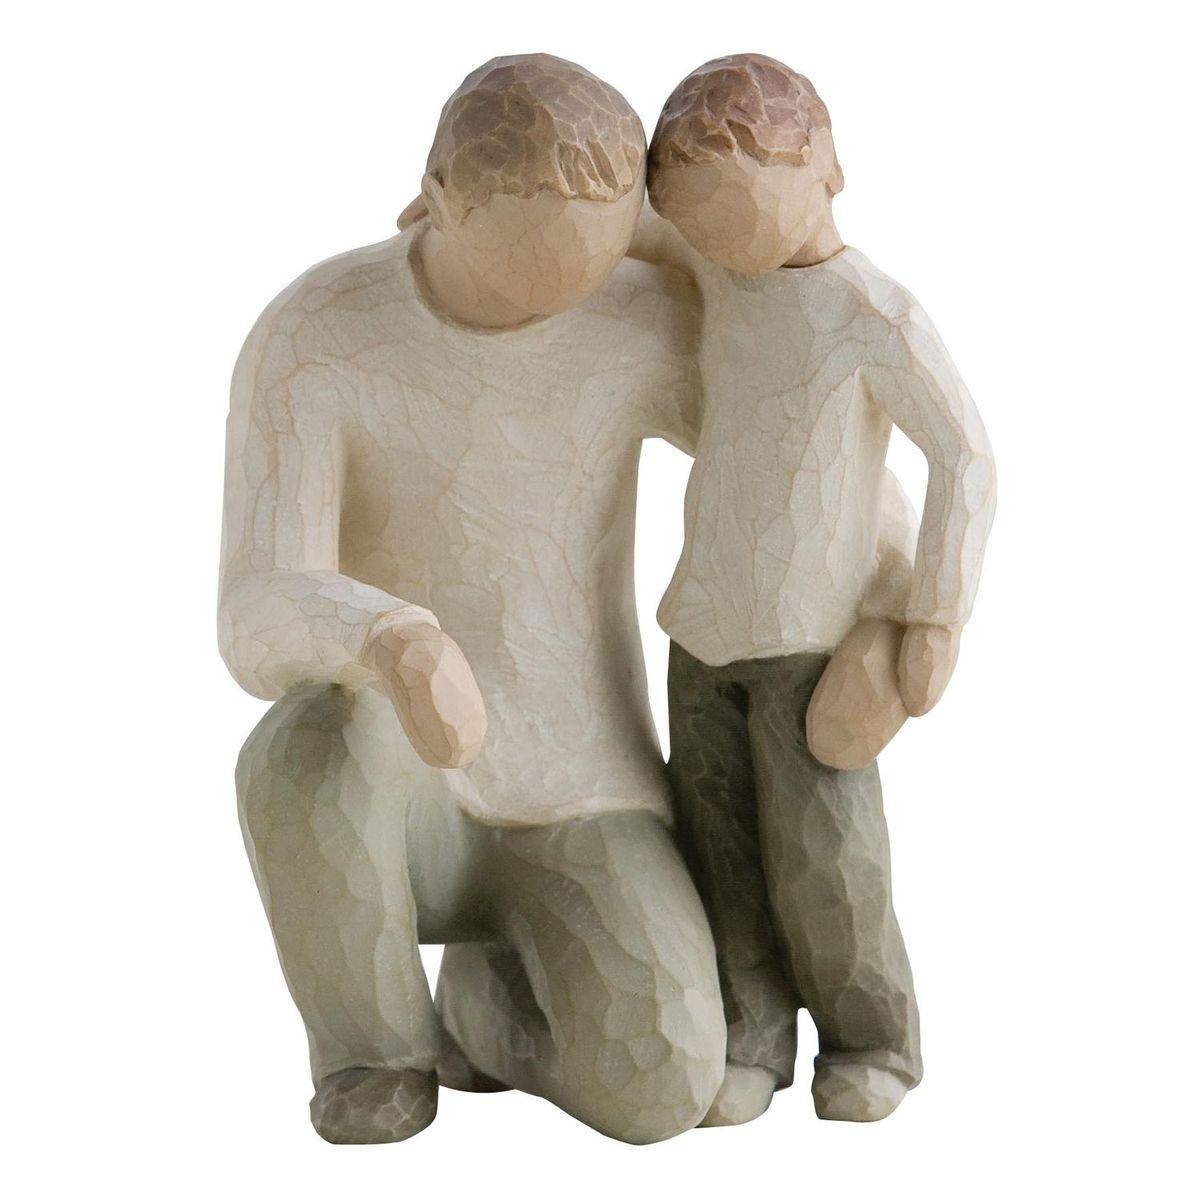 Фигурка Willow Tree Отец и сын, 13,5 см26030Эти прекрасные статуэтки созданы канадским скульптором Сьюзан Лорди. Каждая фигурка – это настоящее произведение искусства, образная скульптура в миниатюре, изображающая эмоции и чувства, которые помогают нам чувствовать себя ближе к другим, верить в мечту, выражать любовь. Каждая фигурка помещена в красивую упаковку. Купить такой оригинальный подарок, значит не только украсить интерьер помещения или жилой комнаты, но выразить свое глубокое отношение к любимому человеку. Этот прекрасный сувенир будет лучшим подарком на день ангела, именины, день рождения, юбилей. Материал: Искусственный камень (49% карбонат кальция мелкозернистой разновидности, 51% искусственный камень)